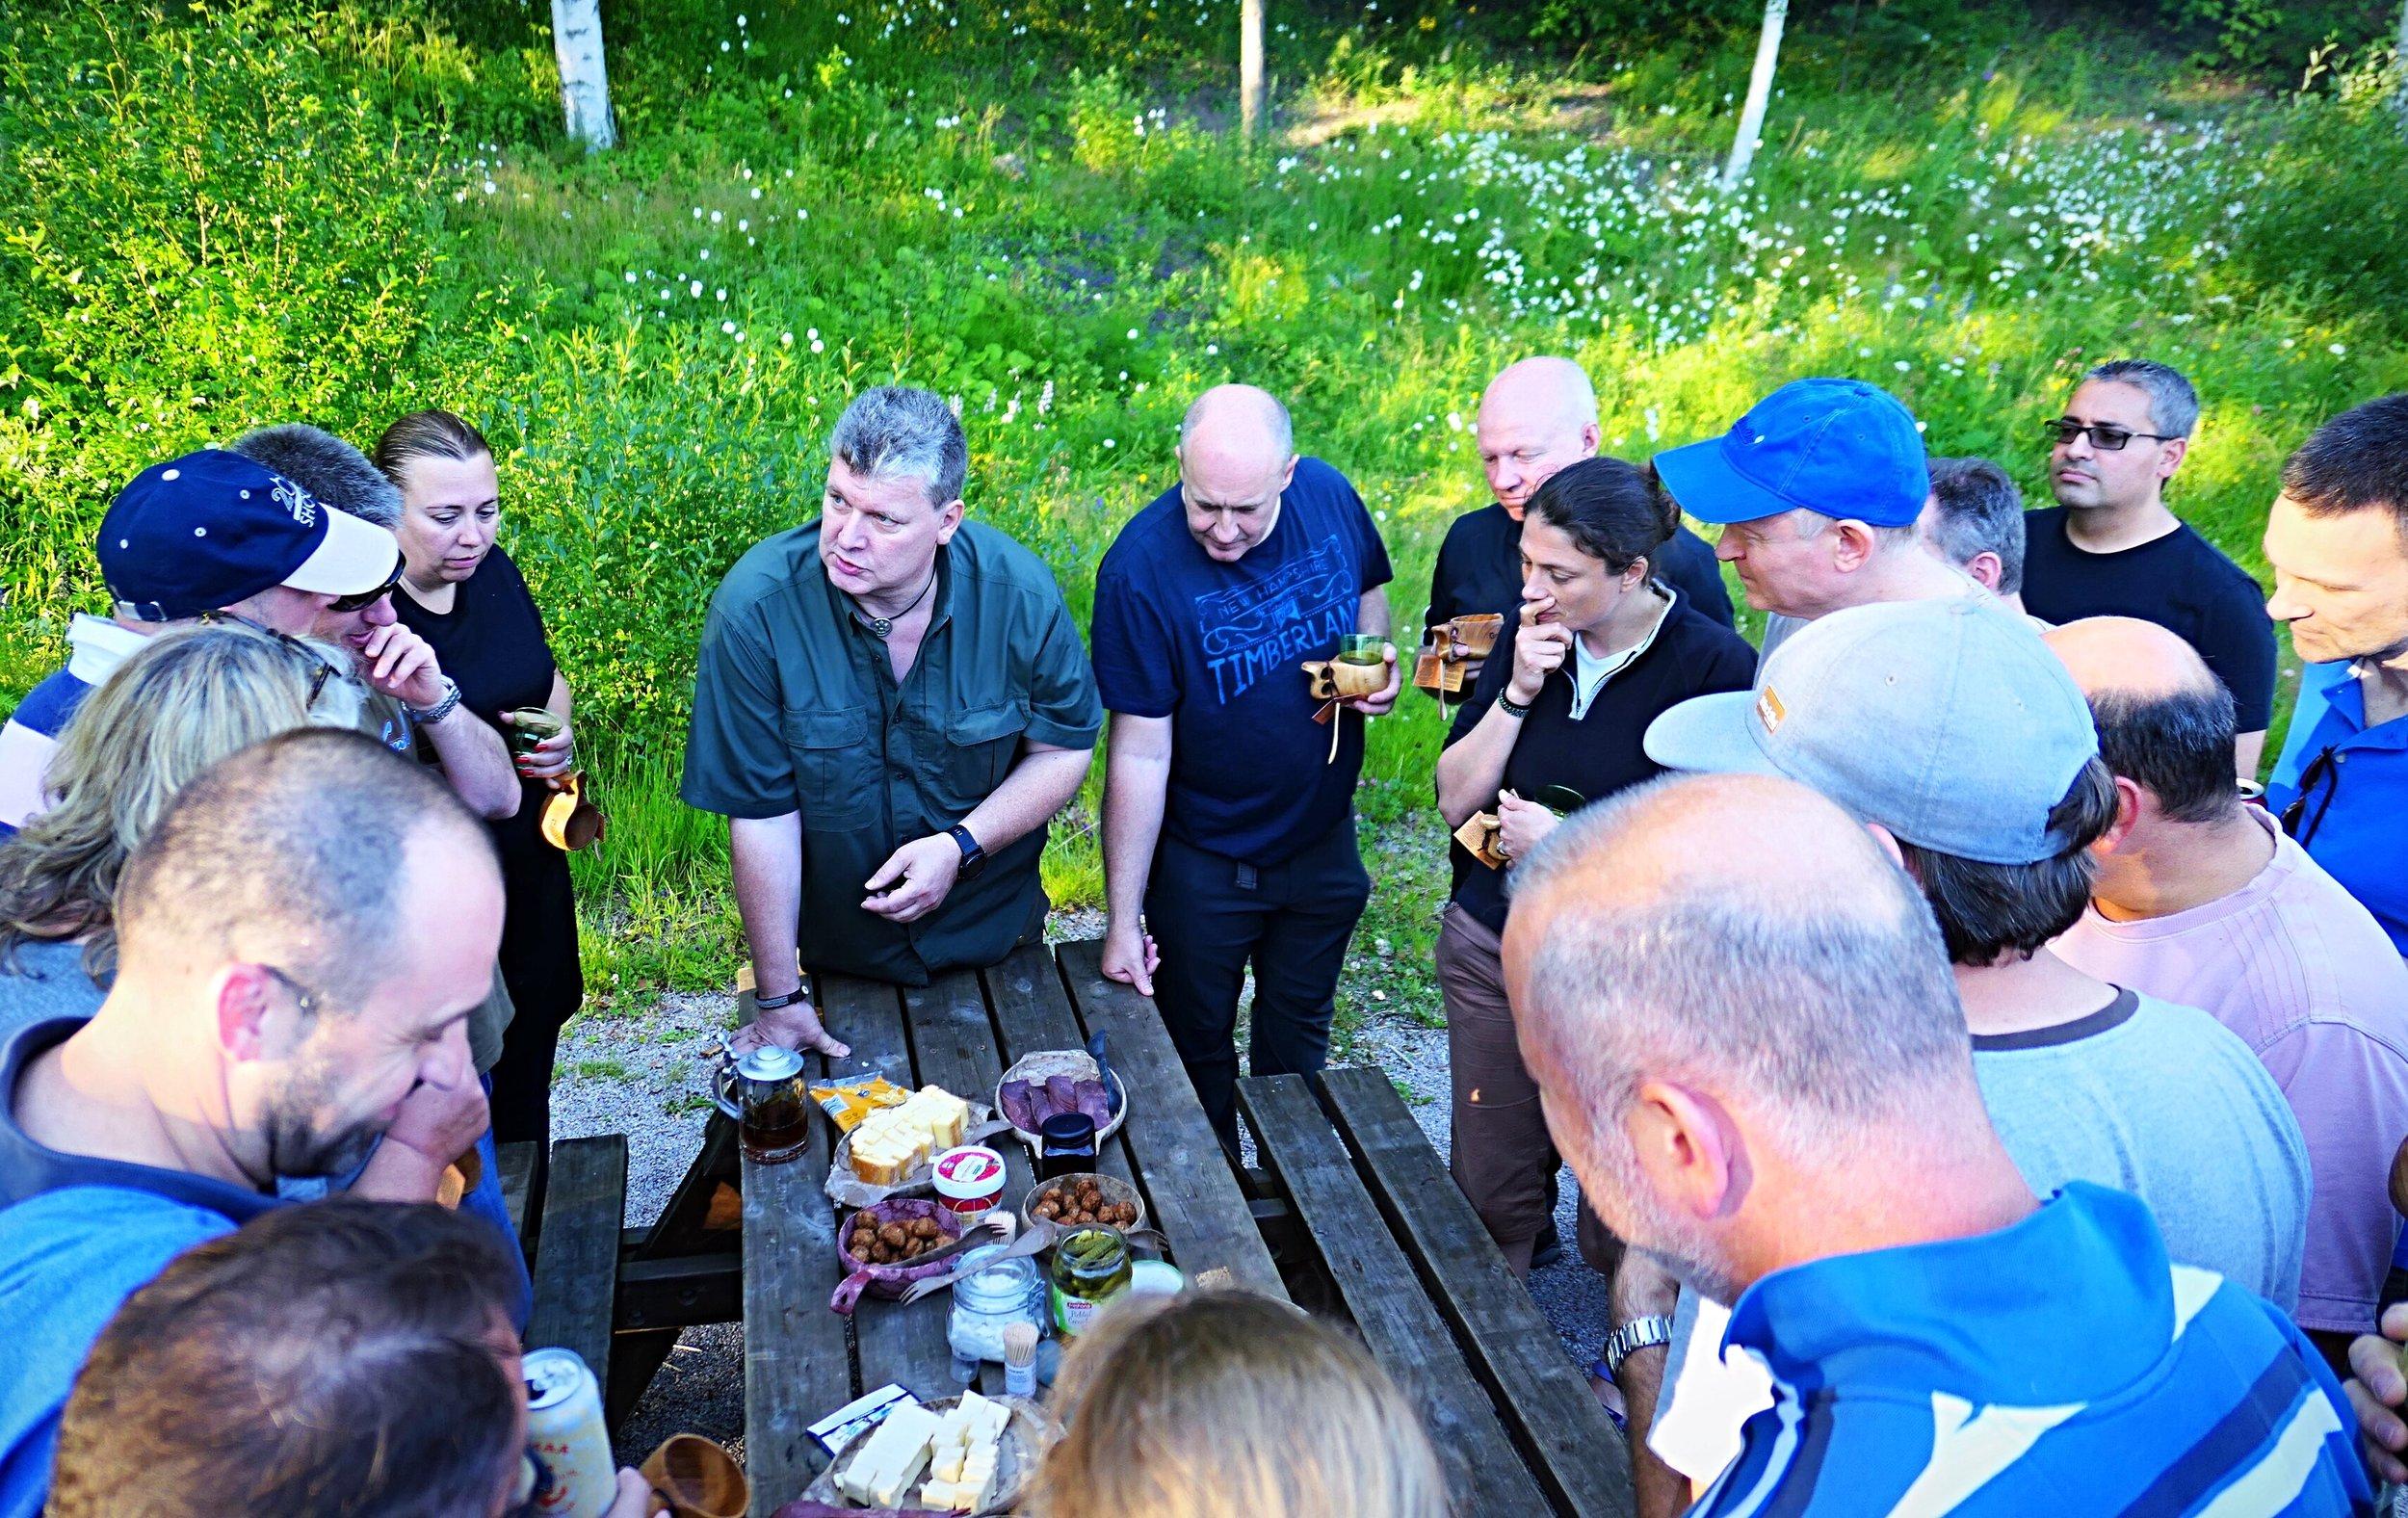 Maistatin parikymmenelle britille suomalaisoluita viime kesänä. Juomien välillä naposteltiin suolaisia herkkuja pöydästä, jonka teema oli Nordic Tapas.